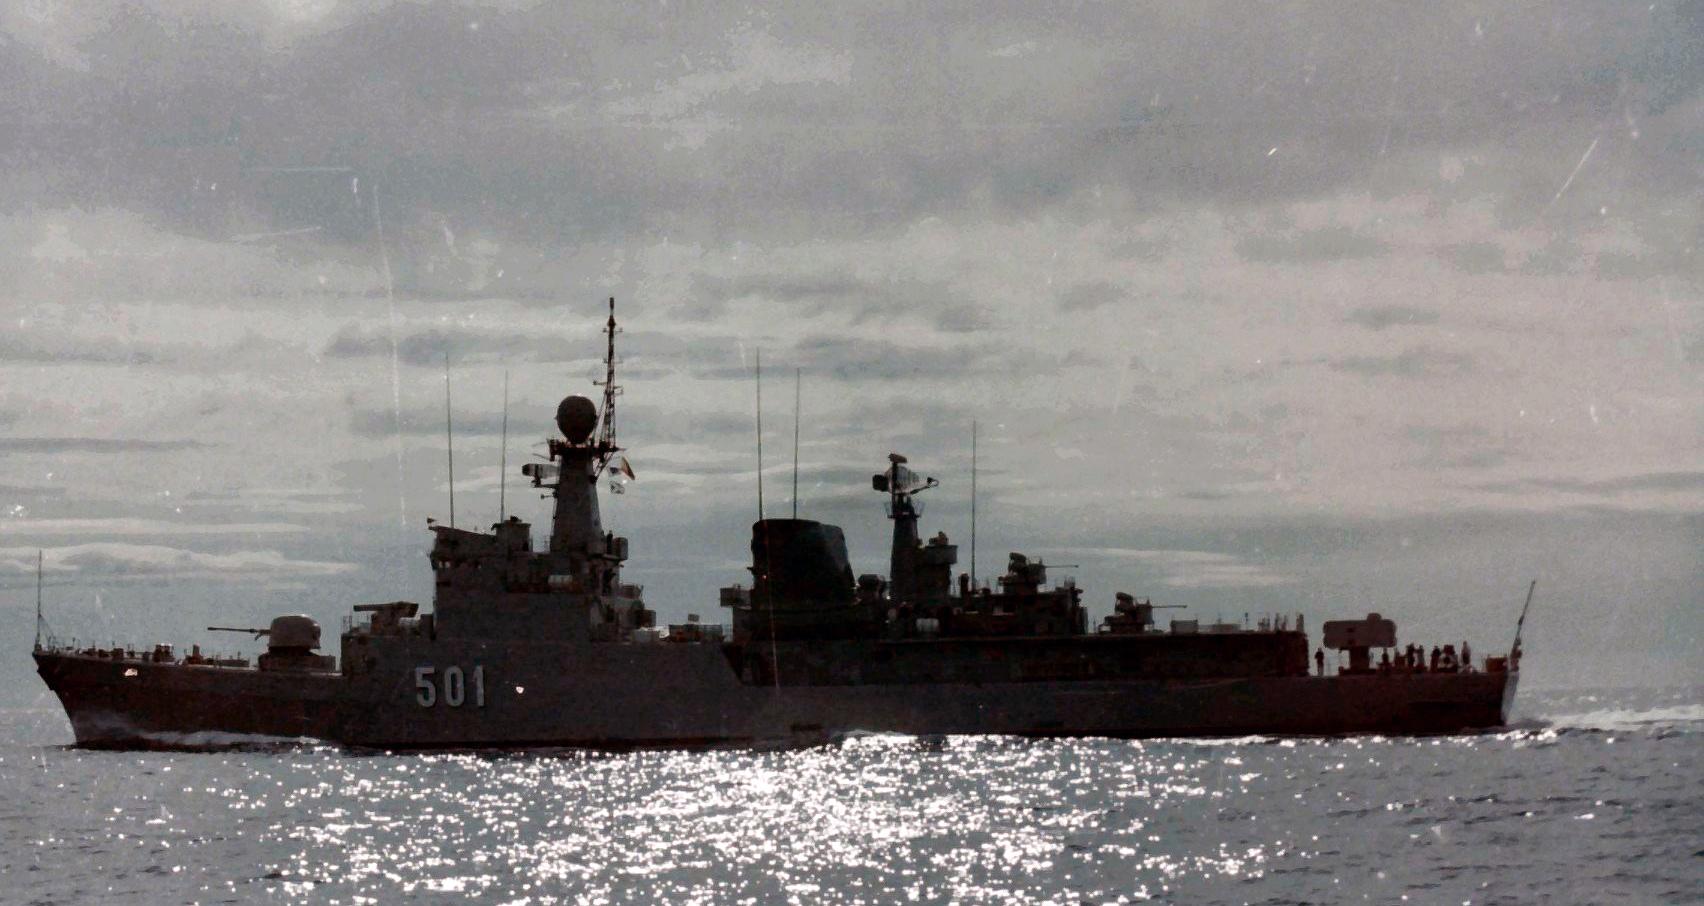 Royal Moroccan Navy Descubierta Frigate / Corvette Lt Cl Errahmani - Bâtiment École - Page 4 Clipb514